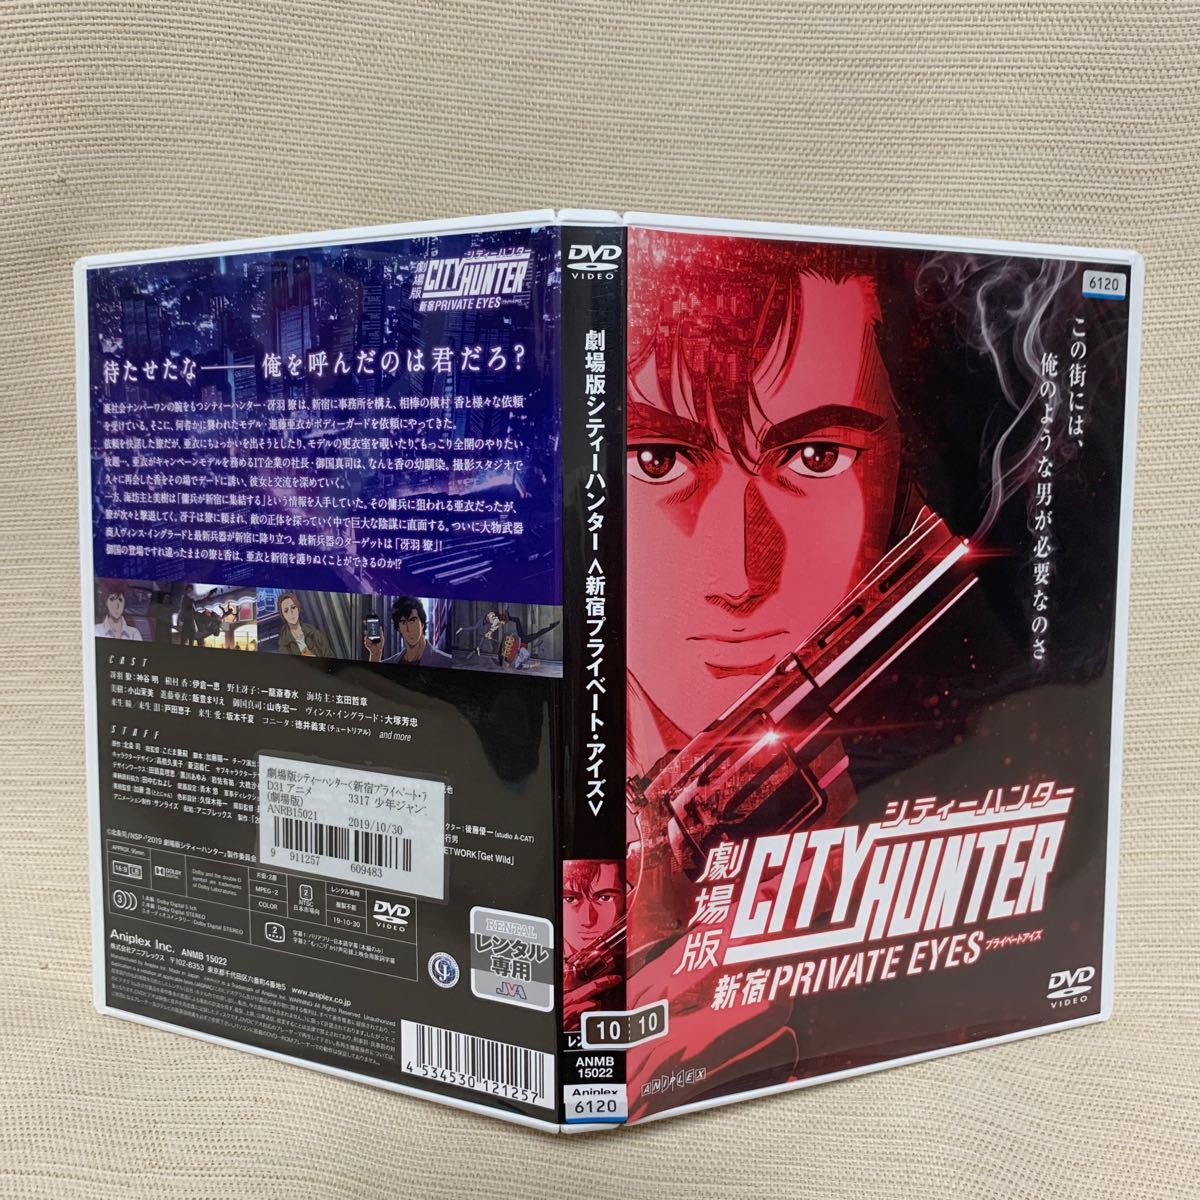 劇場版 シティーハンター 新宿PRIVATE EYES【レンタル落ちDVD】